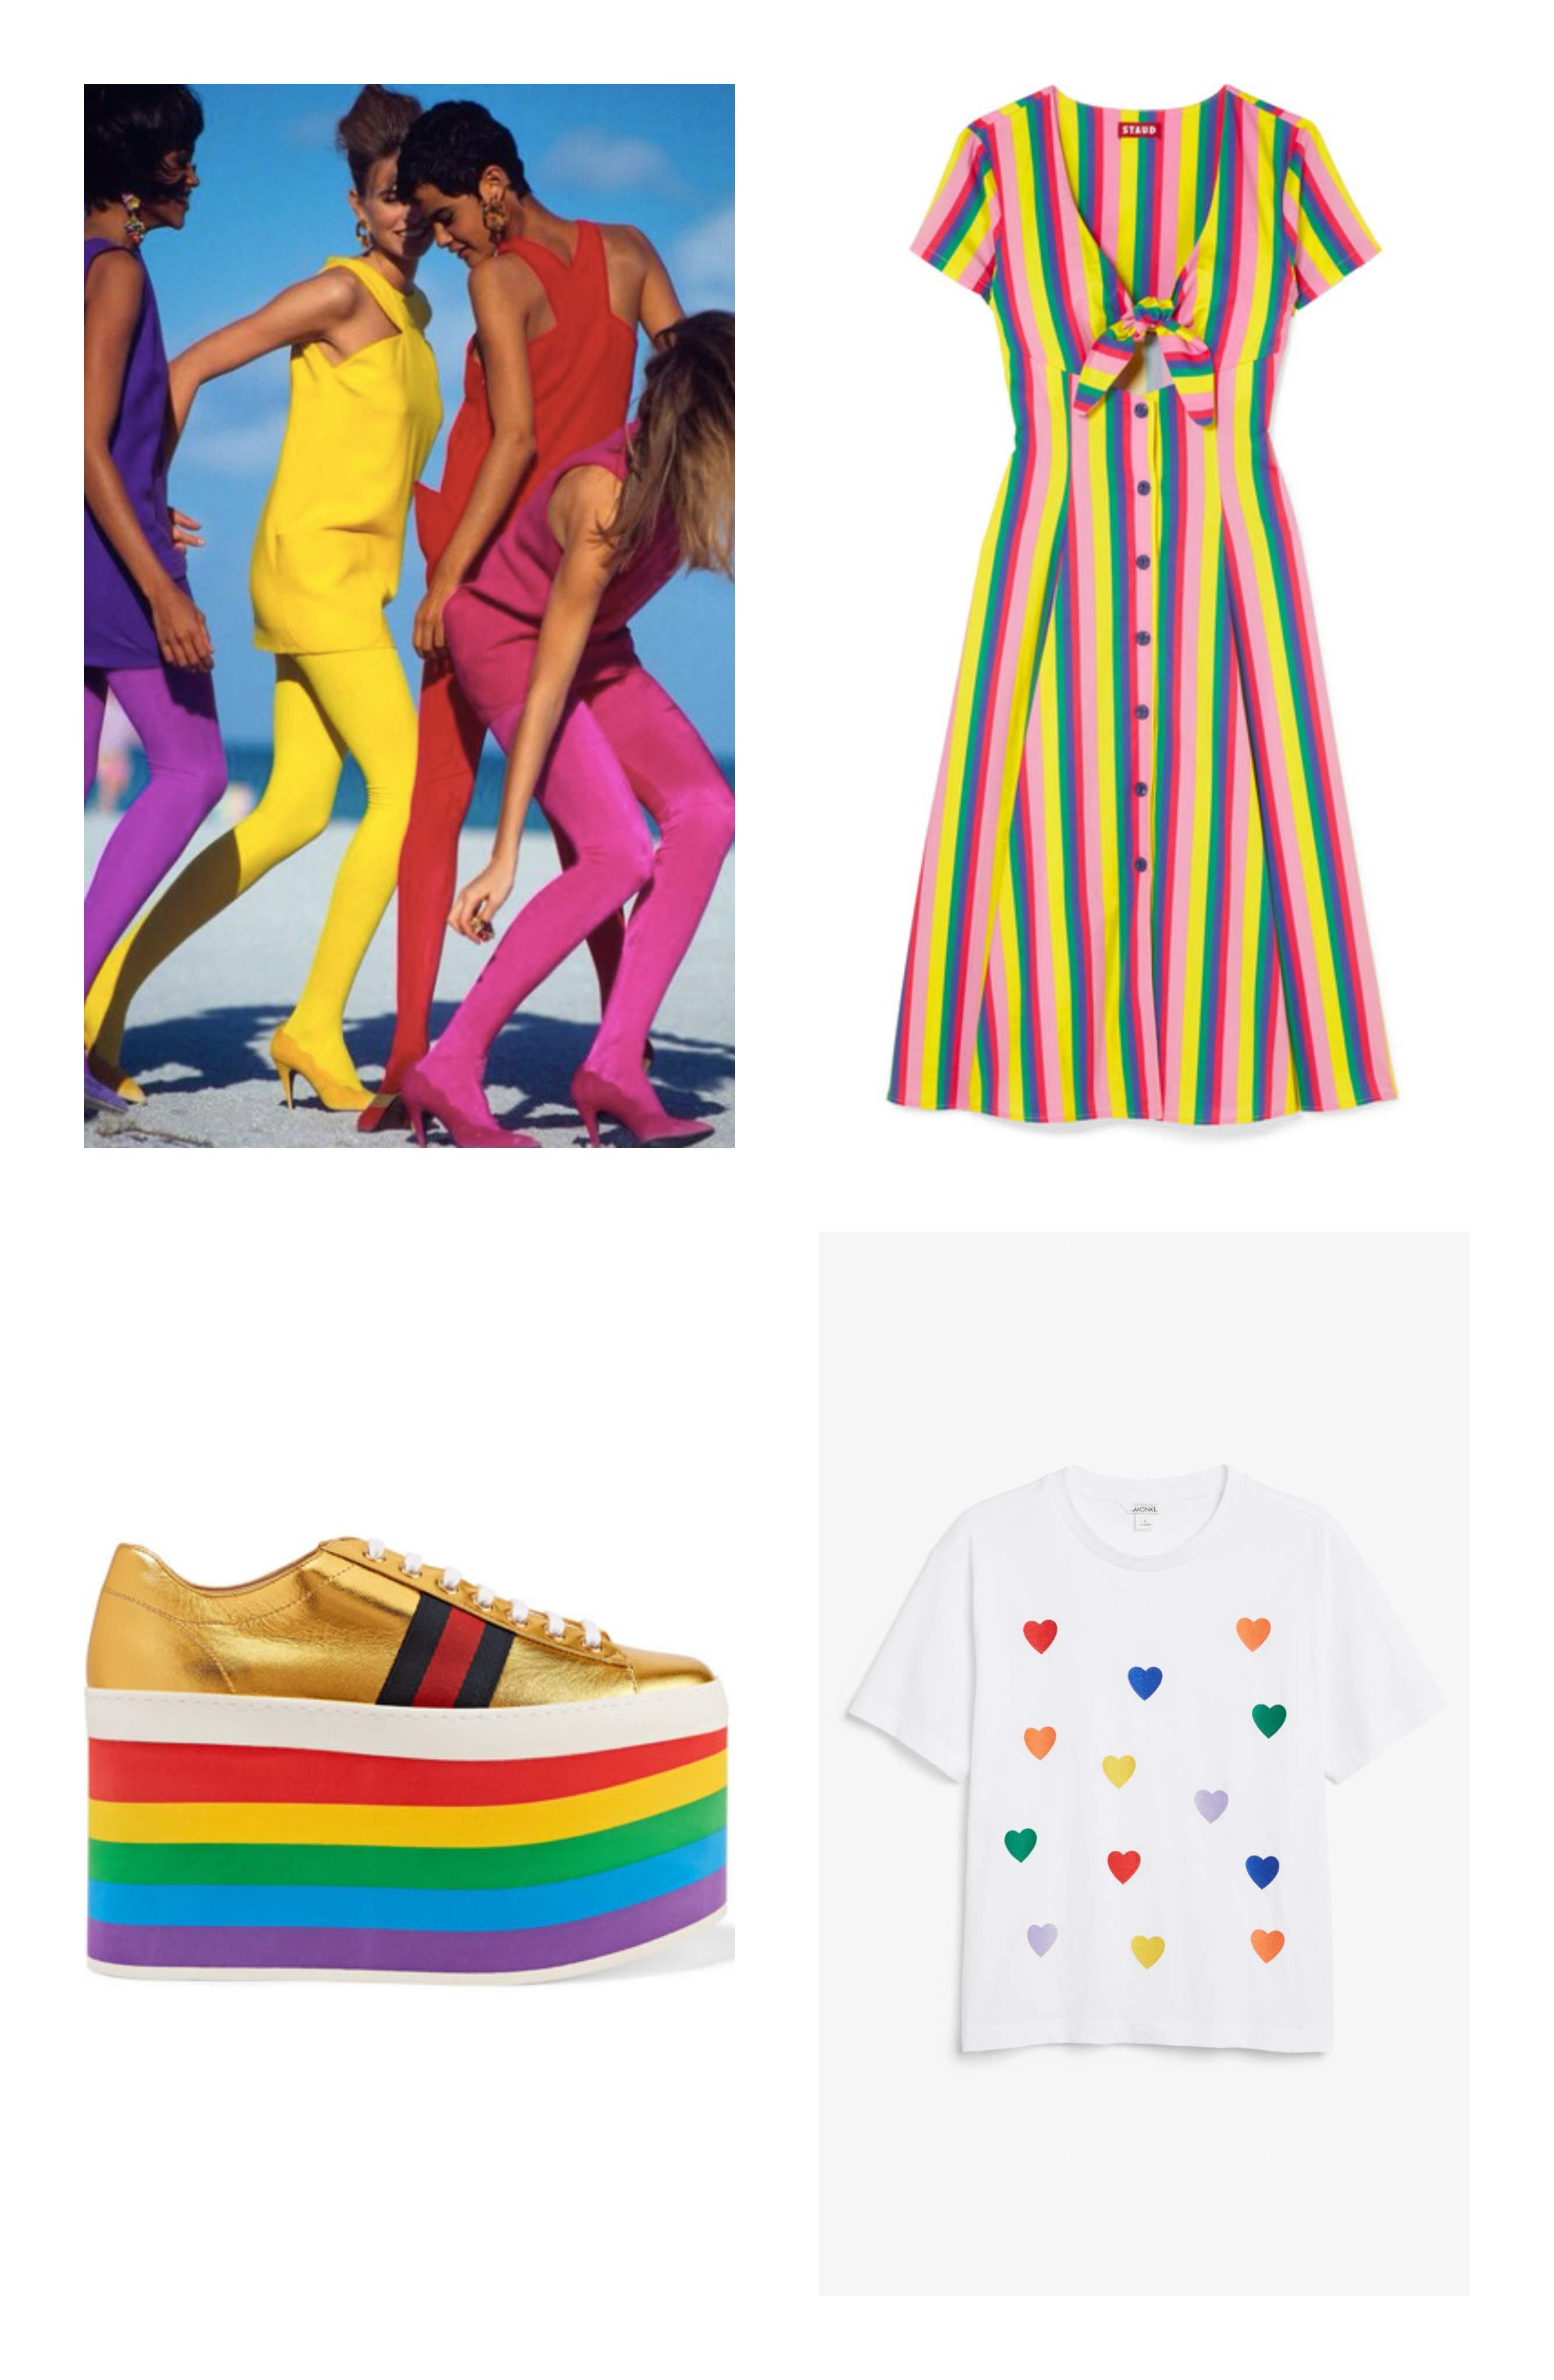 M&H toppliste: Klær og stæsj til Pride parade Melk & Honning